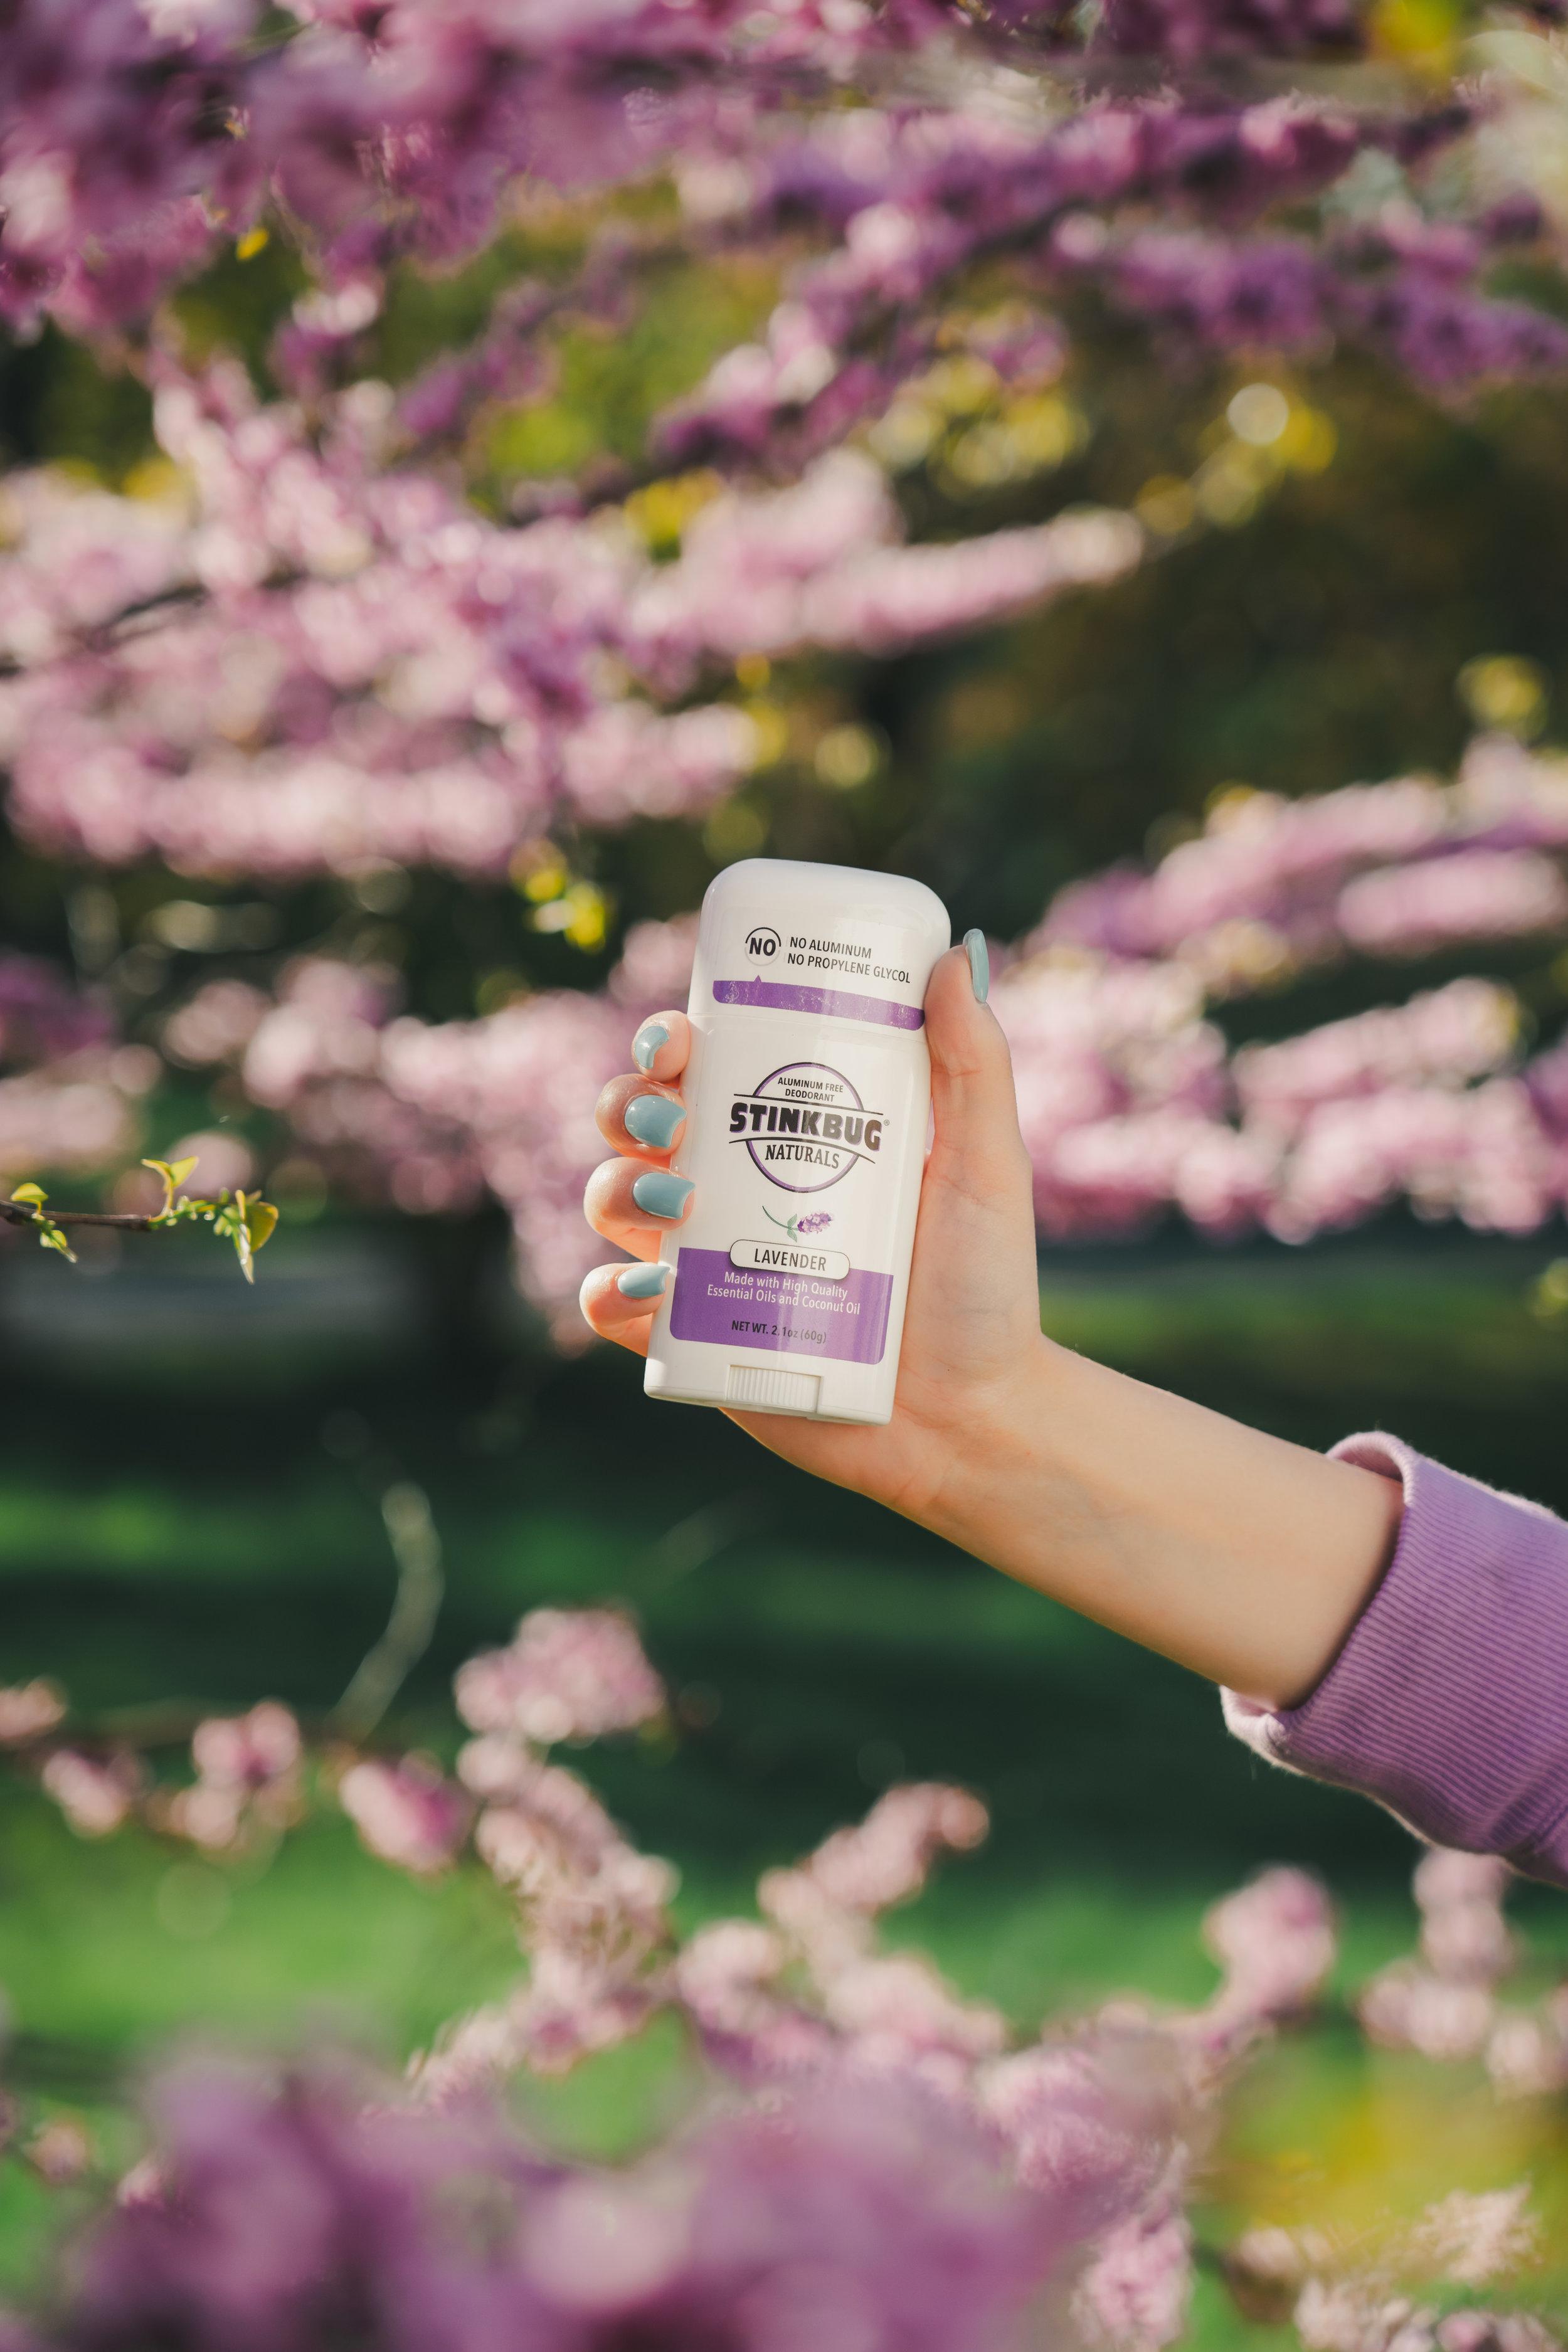 Stinkbug Naturals® - Skincare